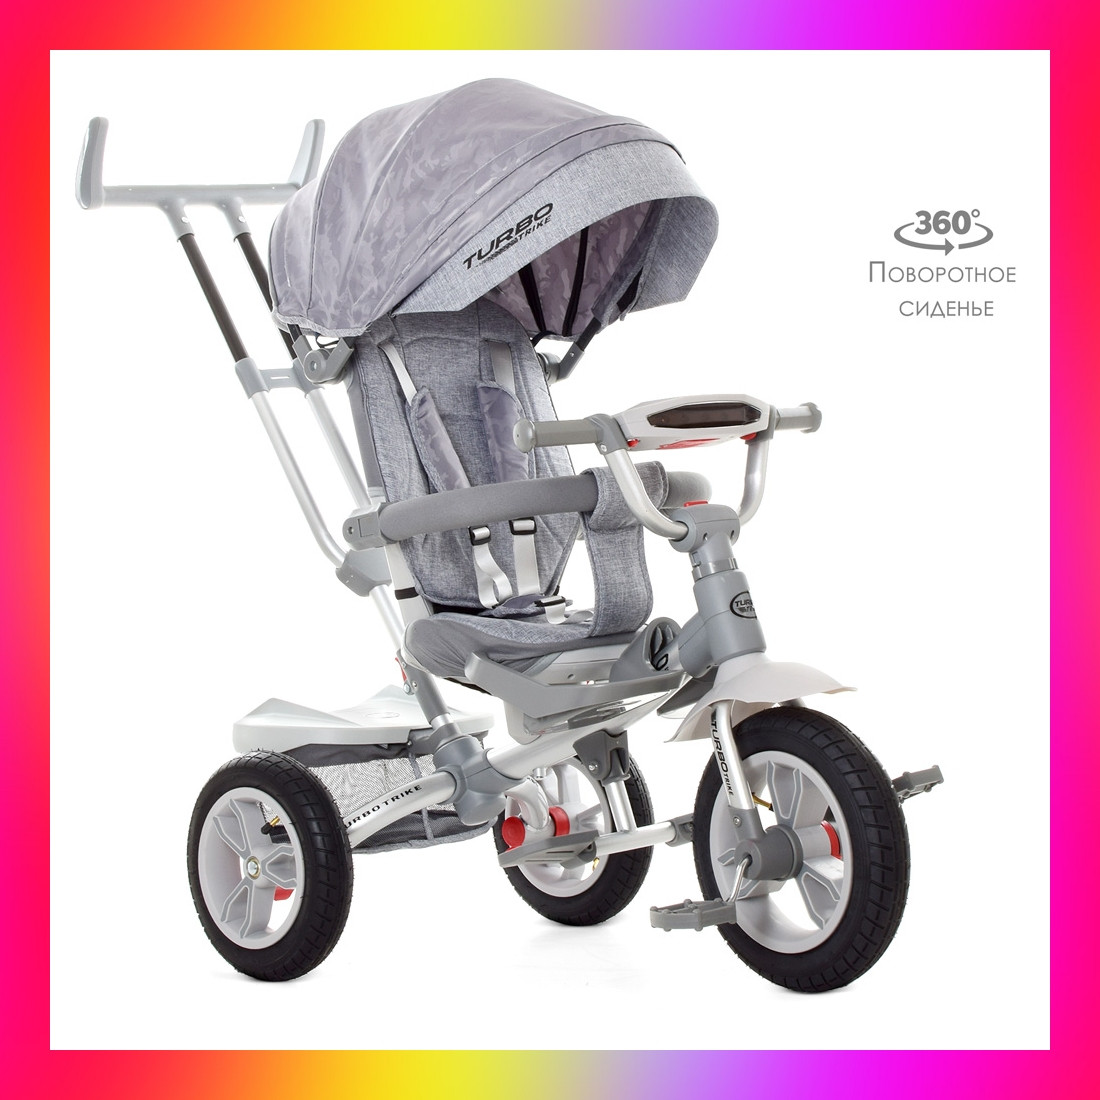 Детский трехколесный велосипед коляска с фарой и поворотным сиденьем Turbotrike 4058 серый